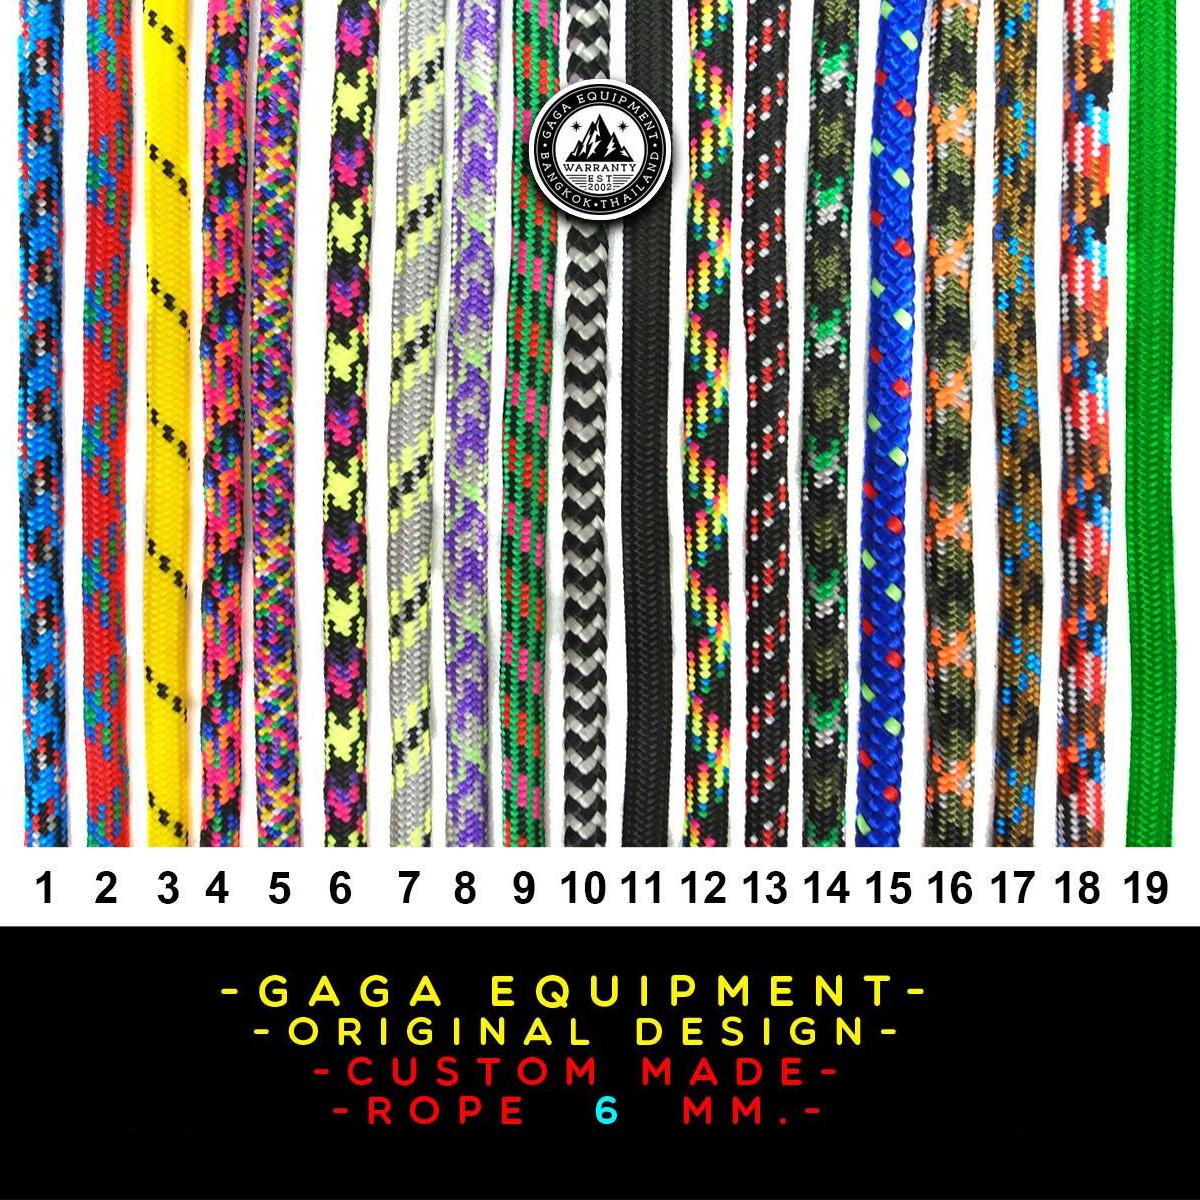 泰國潮牌GAGA BAG原裝正品揹帶/可任意搭配GAGA包/Ins達人DIY單品